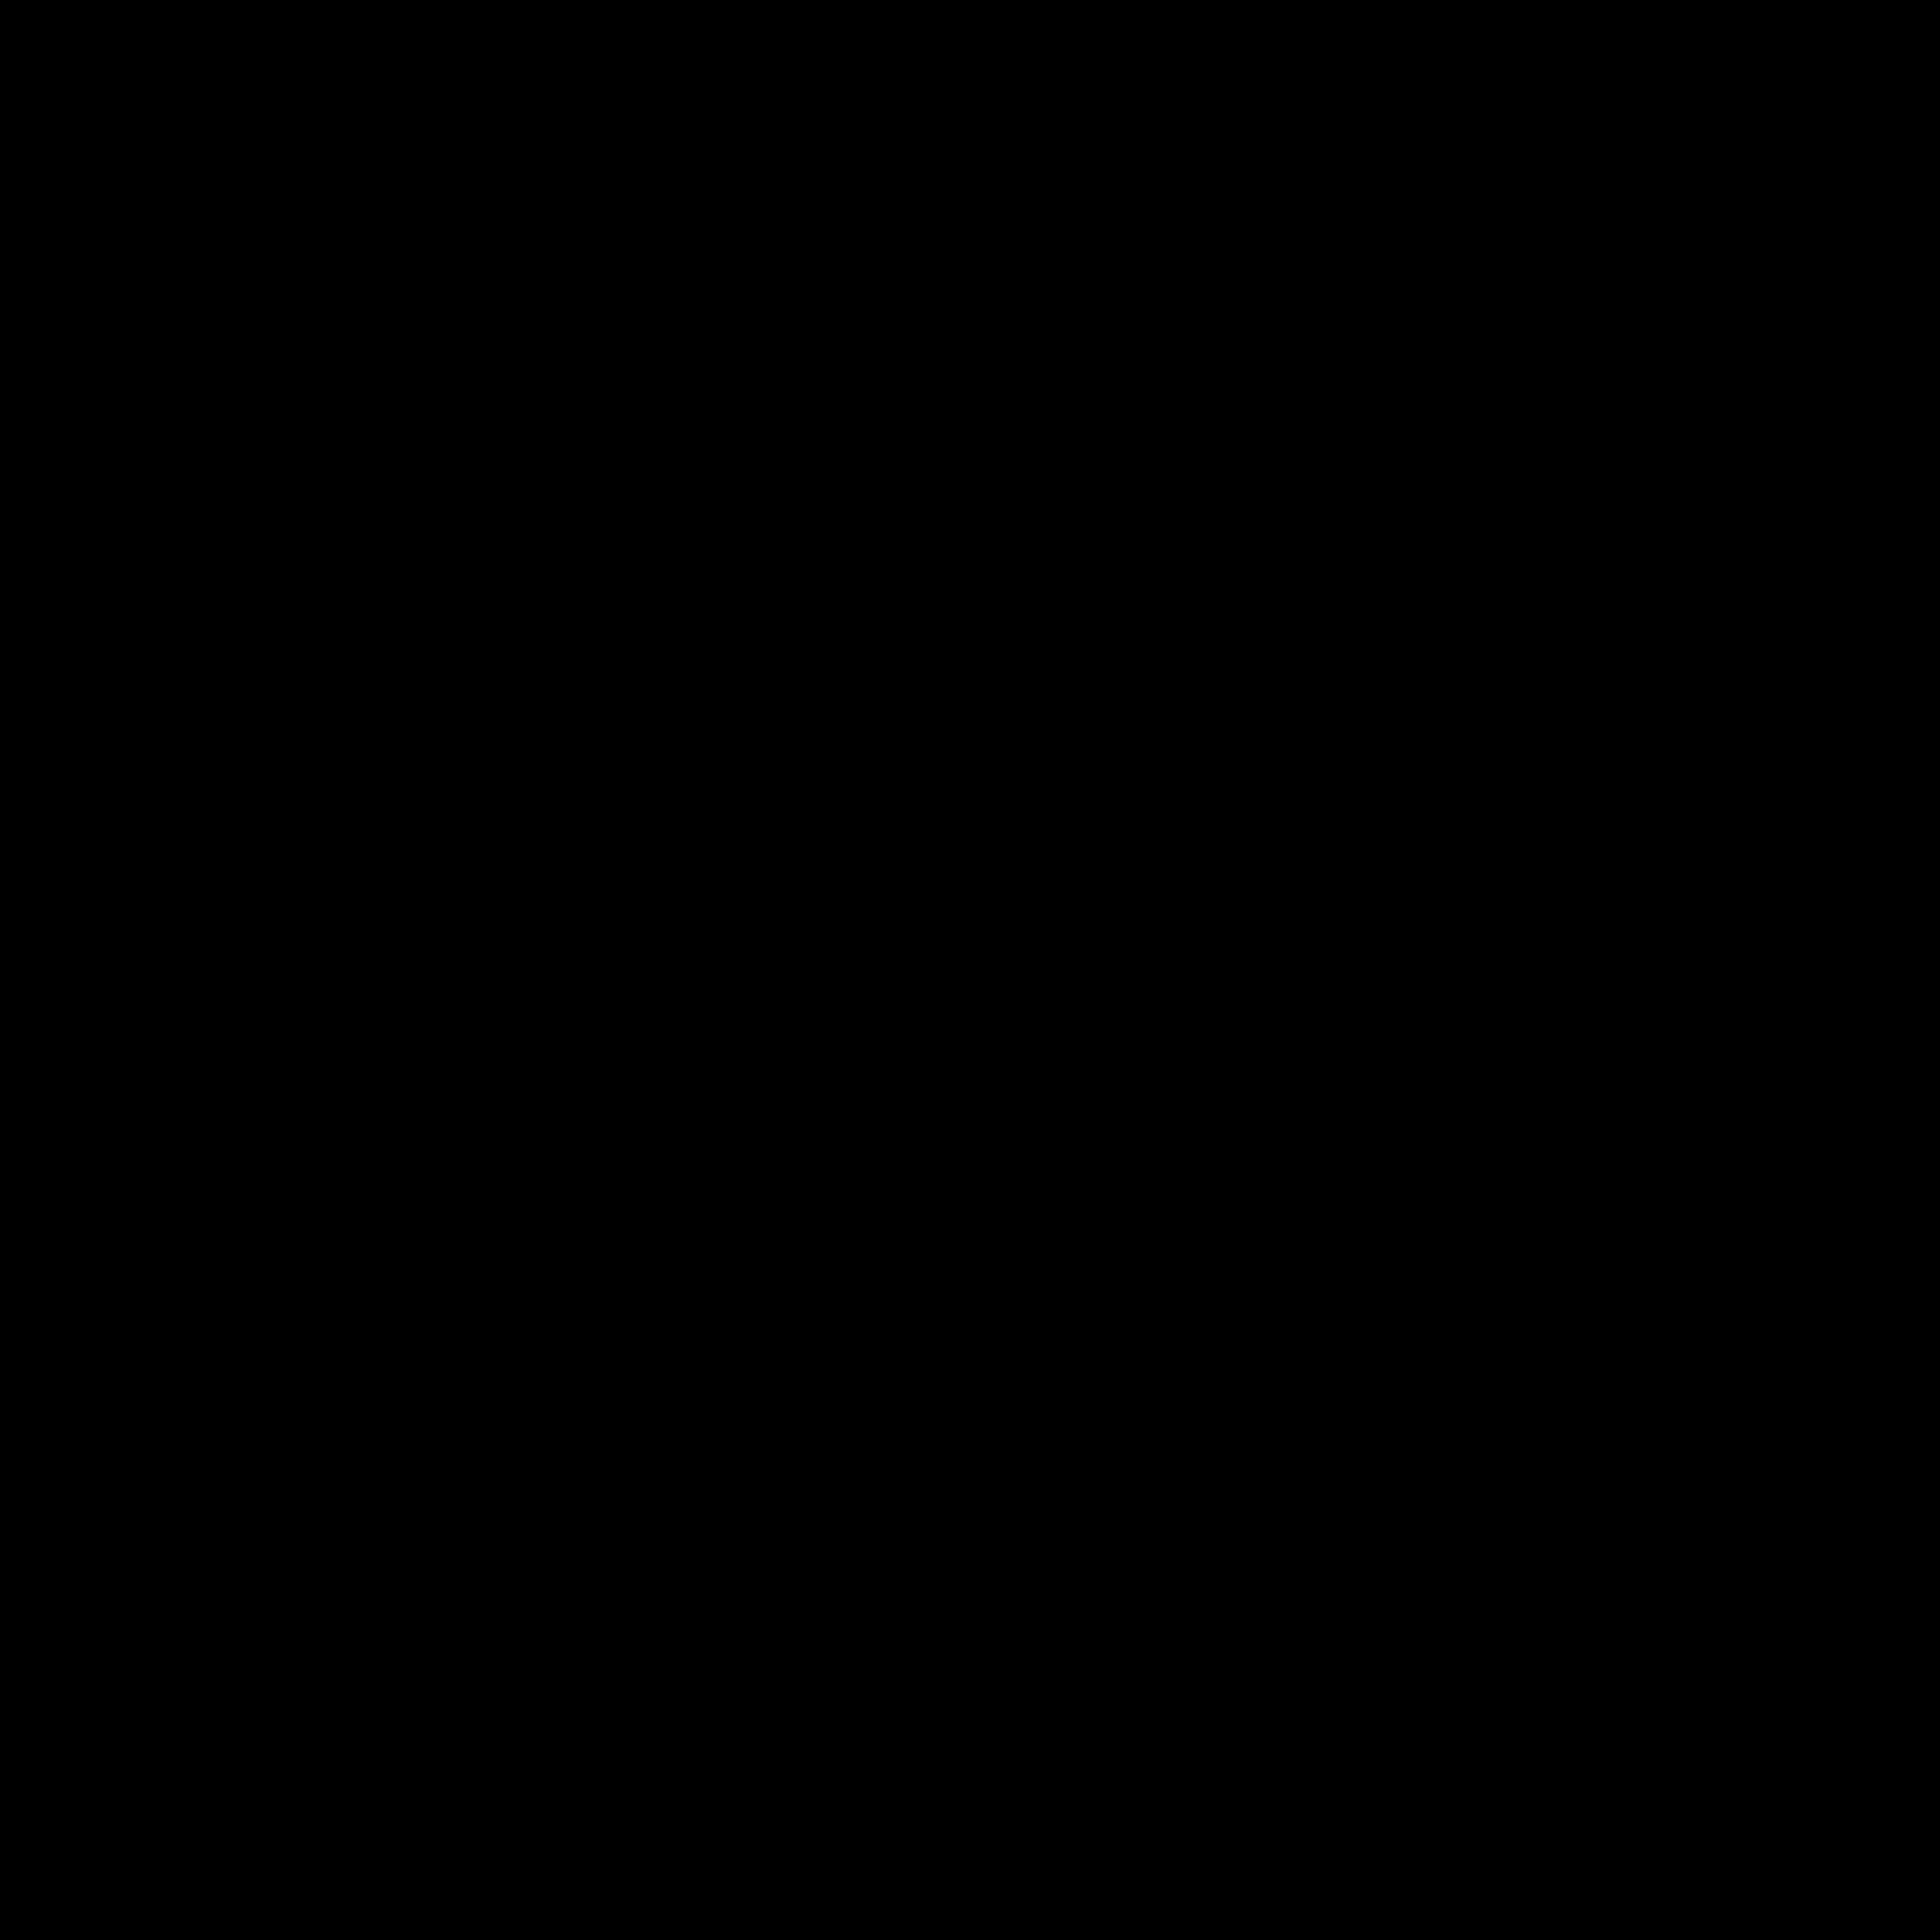 1051TheBlaze-logo-black-01.png